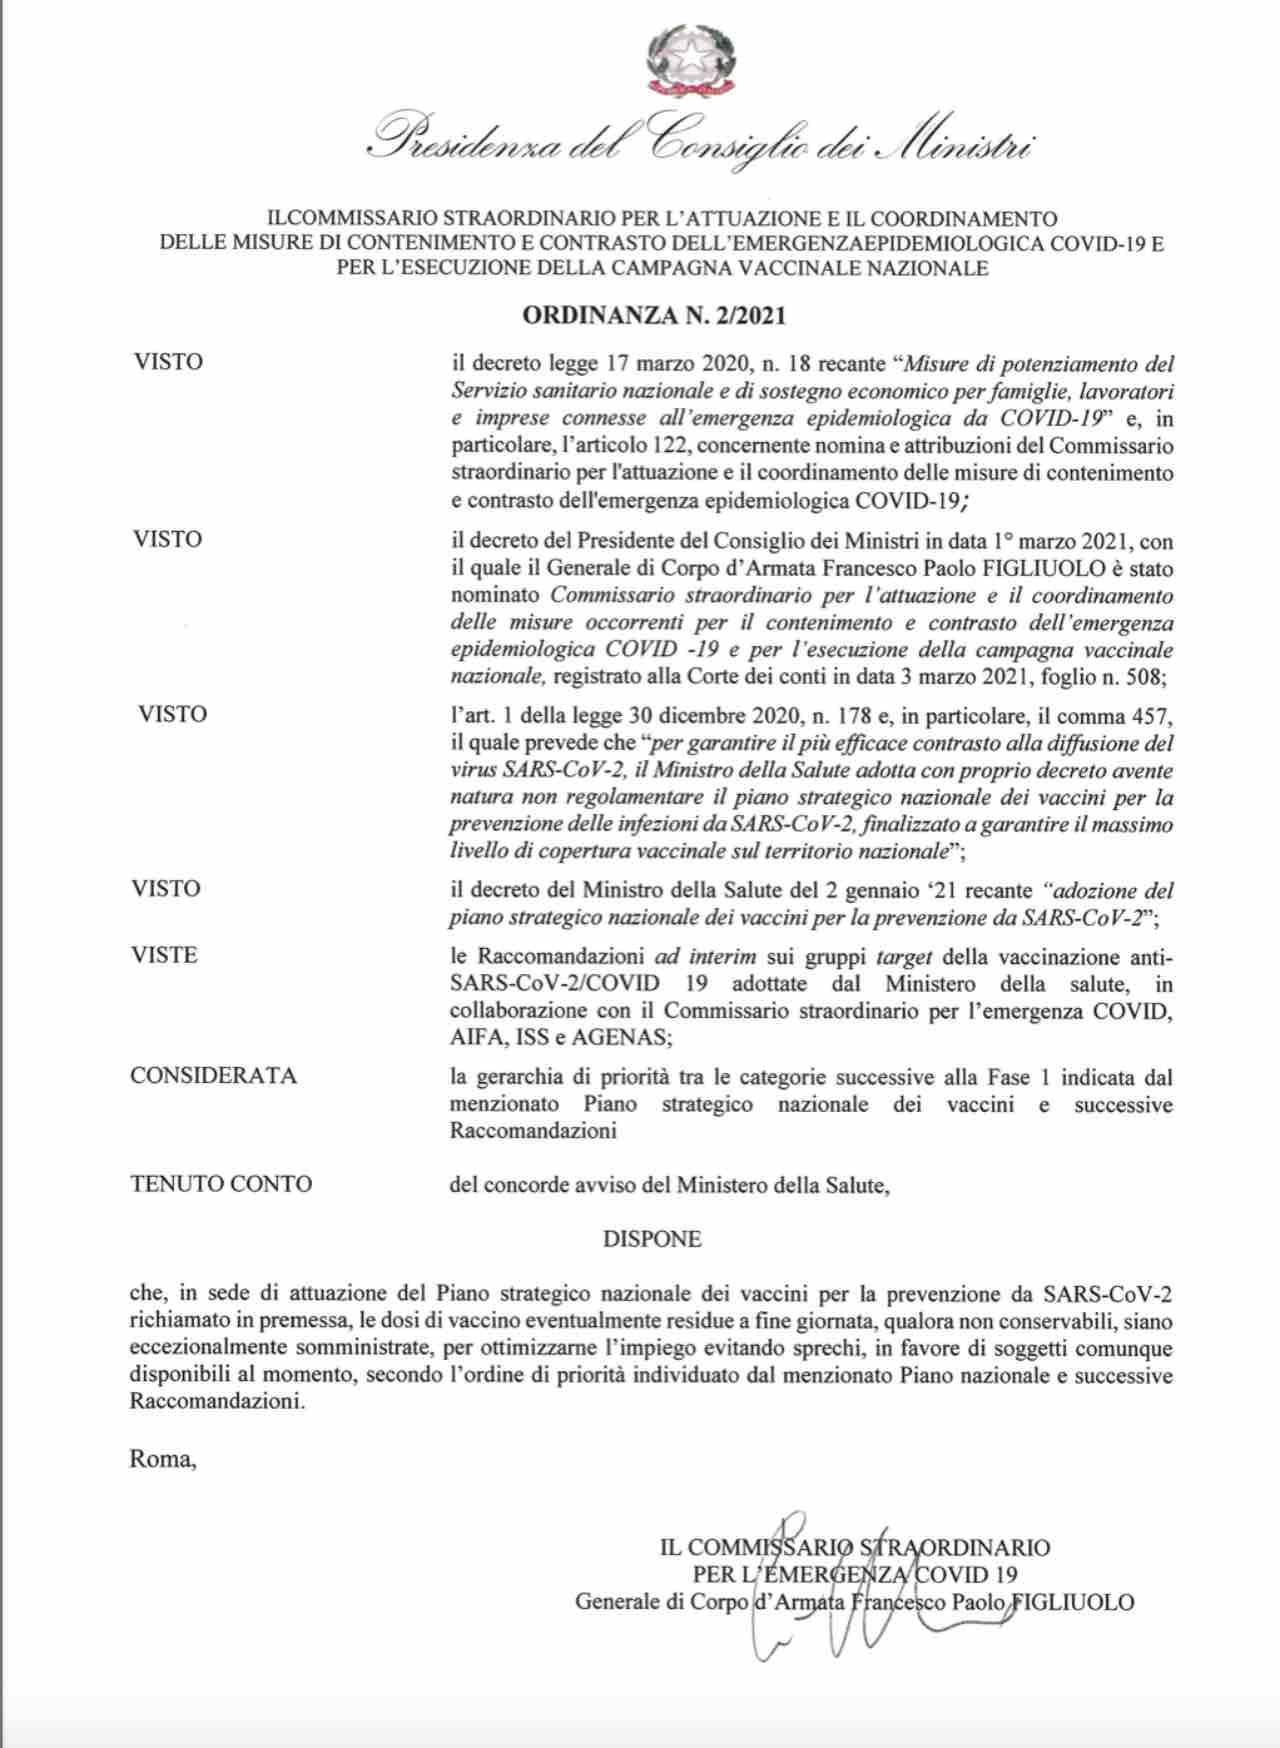 Covid, l'ordinanza firmata sulle vaccinazioni